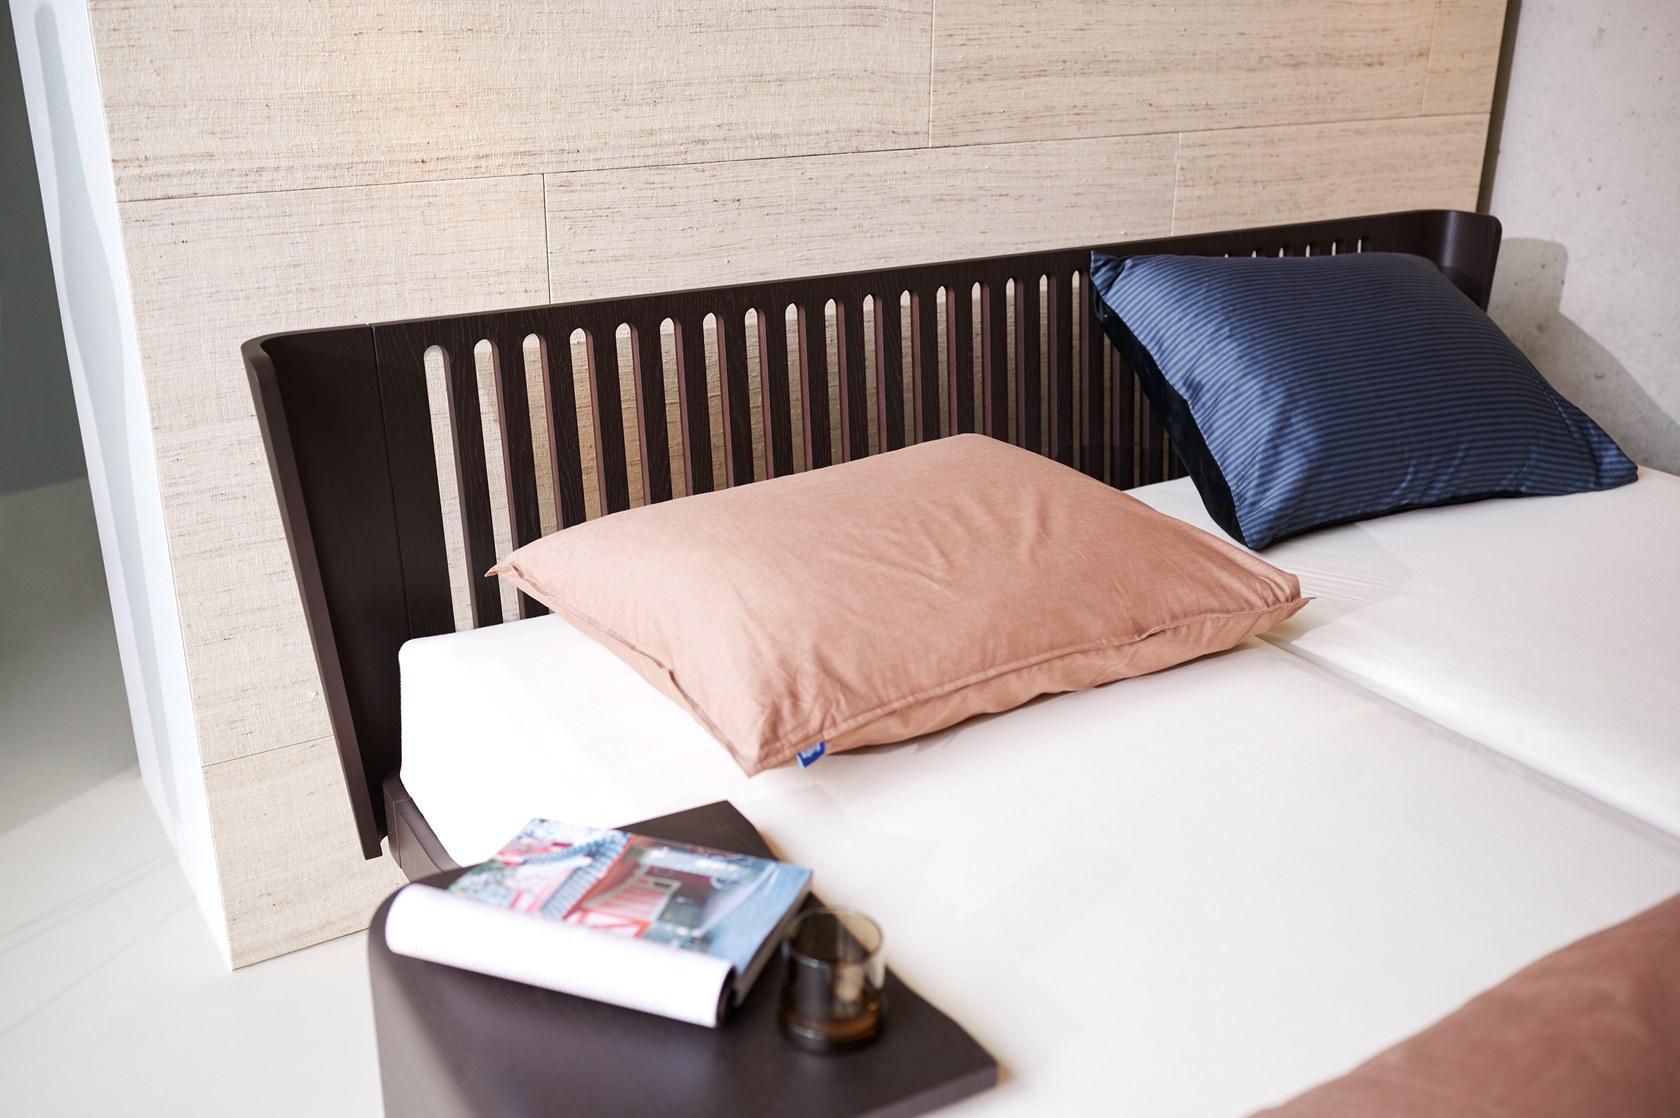 2b NOA Double bed Auping 472314 relabdfc785 i Vigna